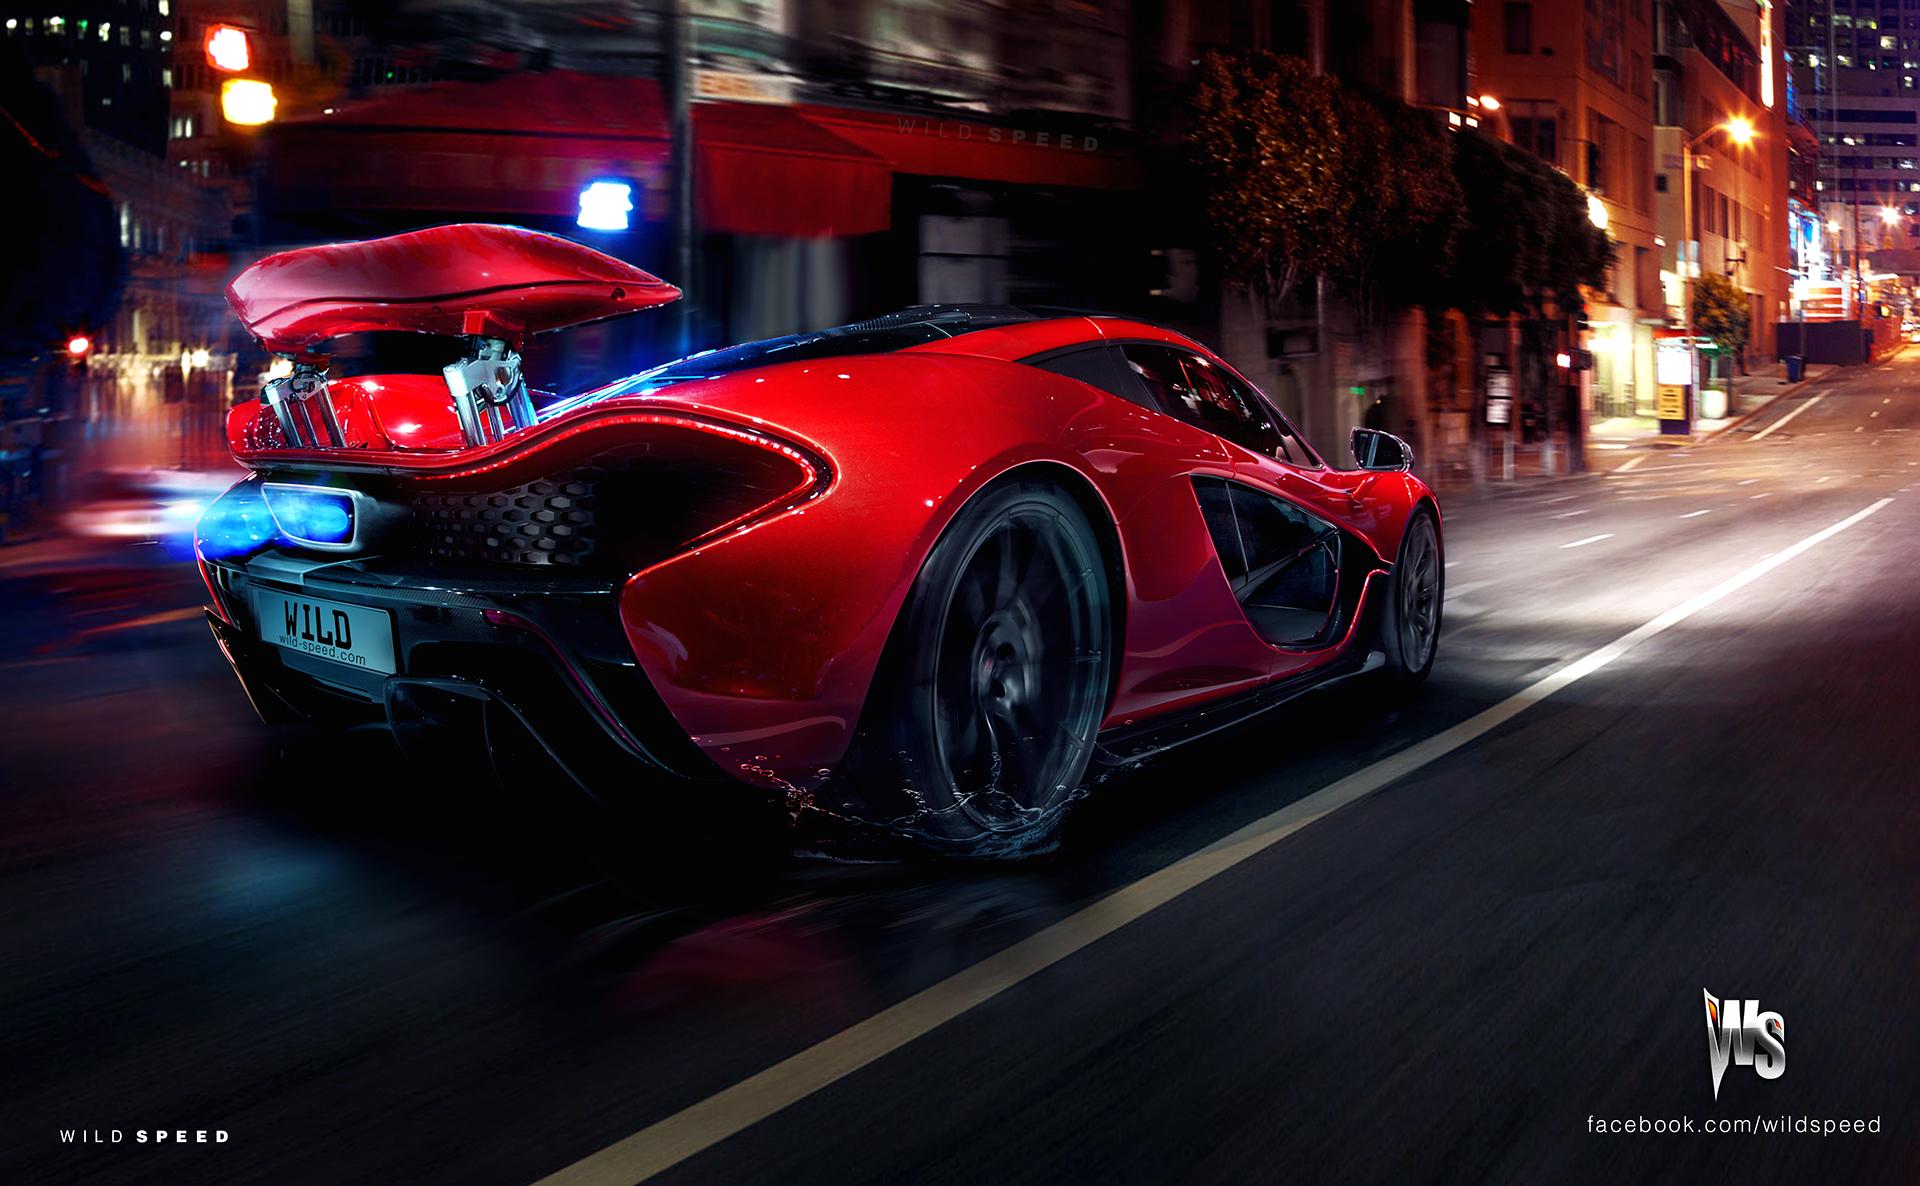 https://www.automobilesreview.com/img/mclaren-p1-hypercar-concept-render/mclaren-p1-hypercar-concept-render-02.jpg